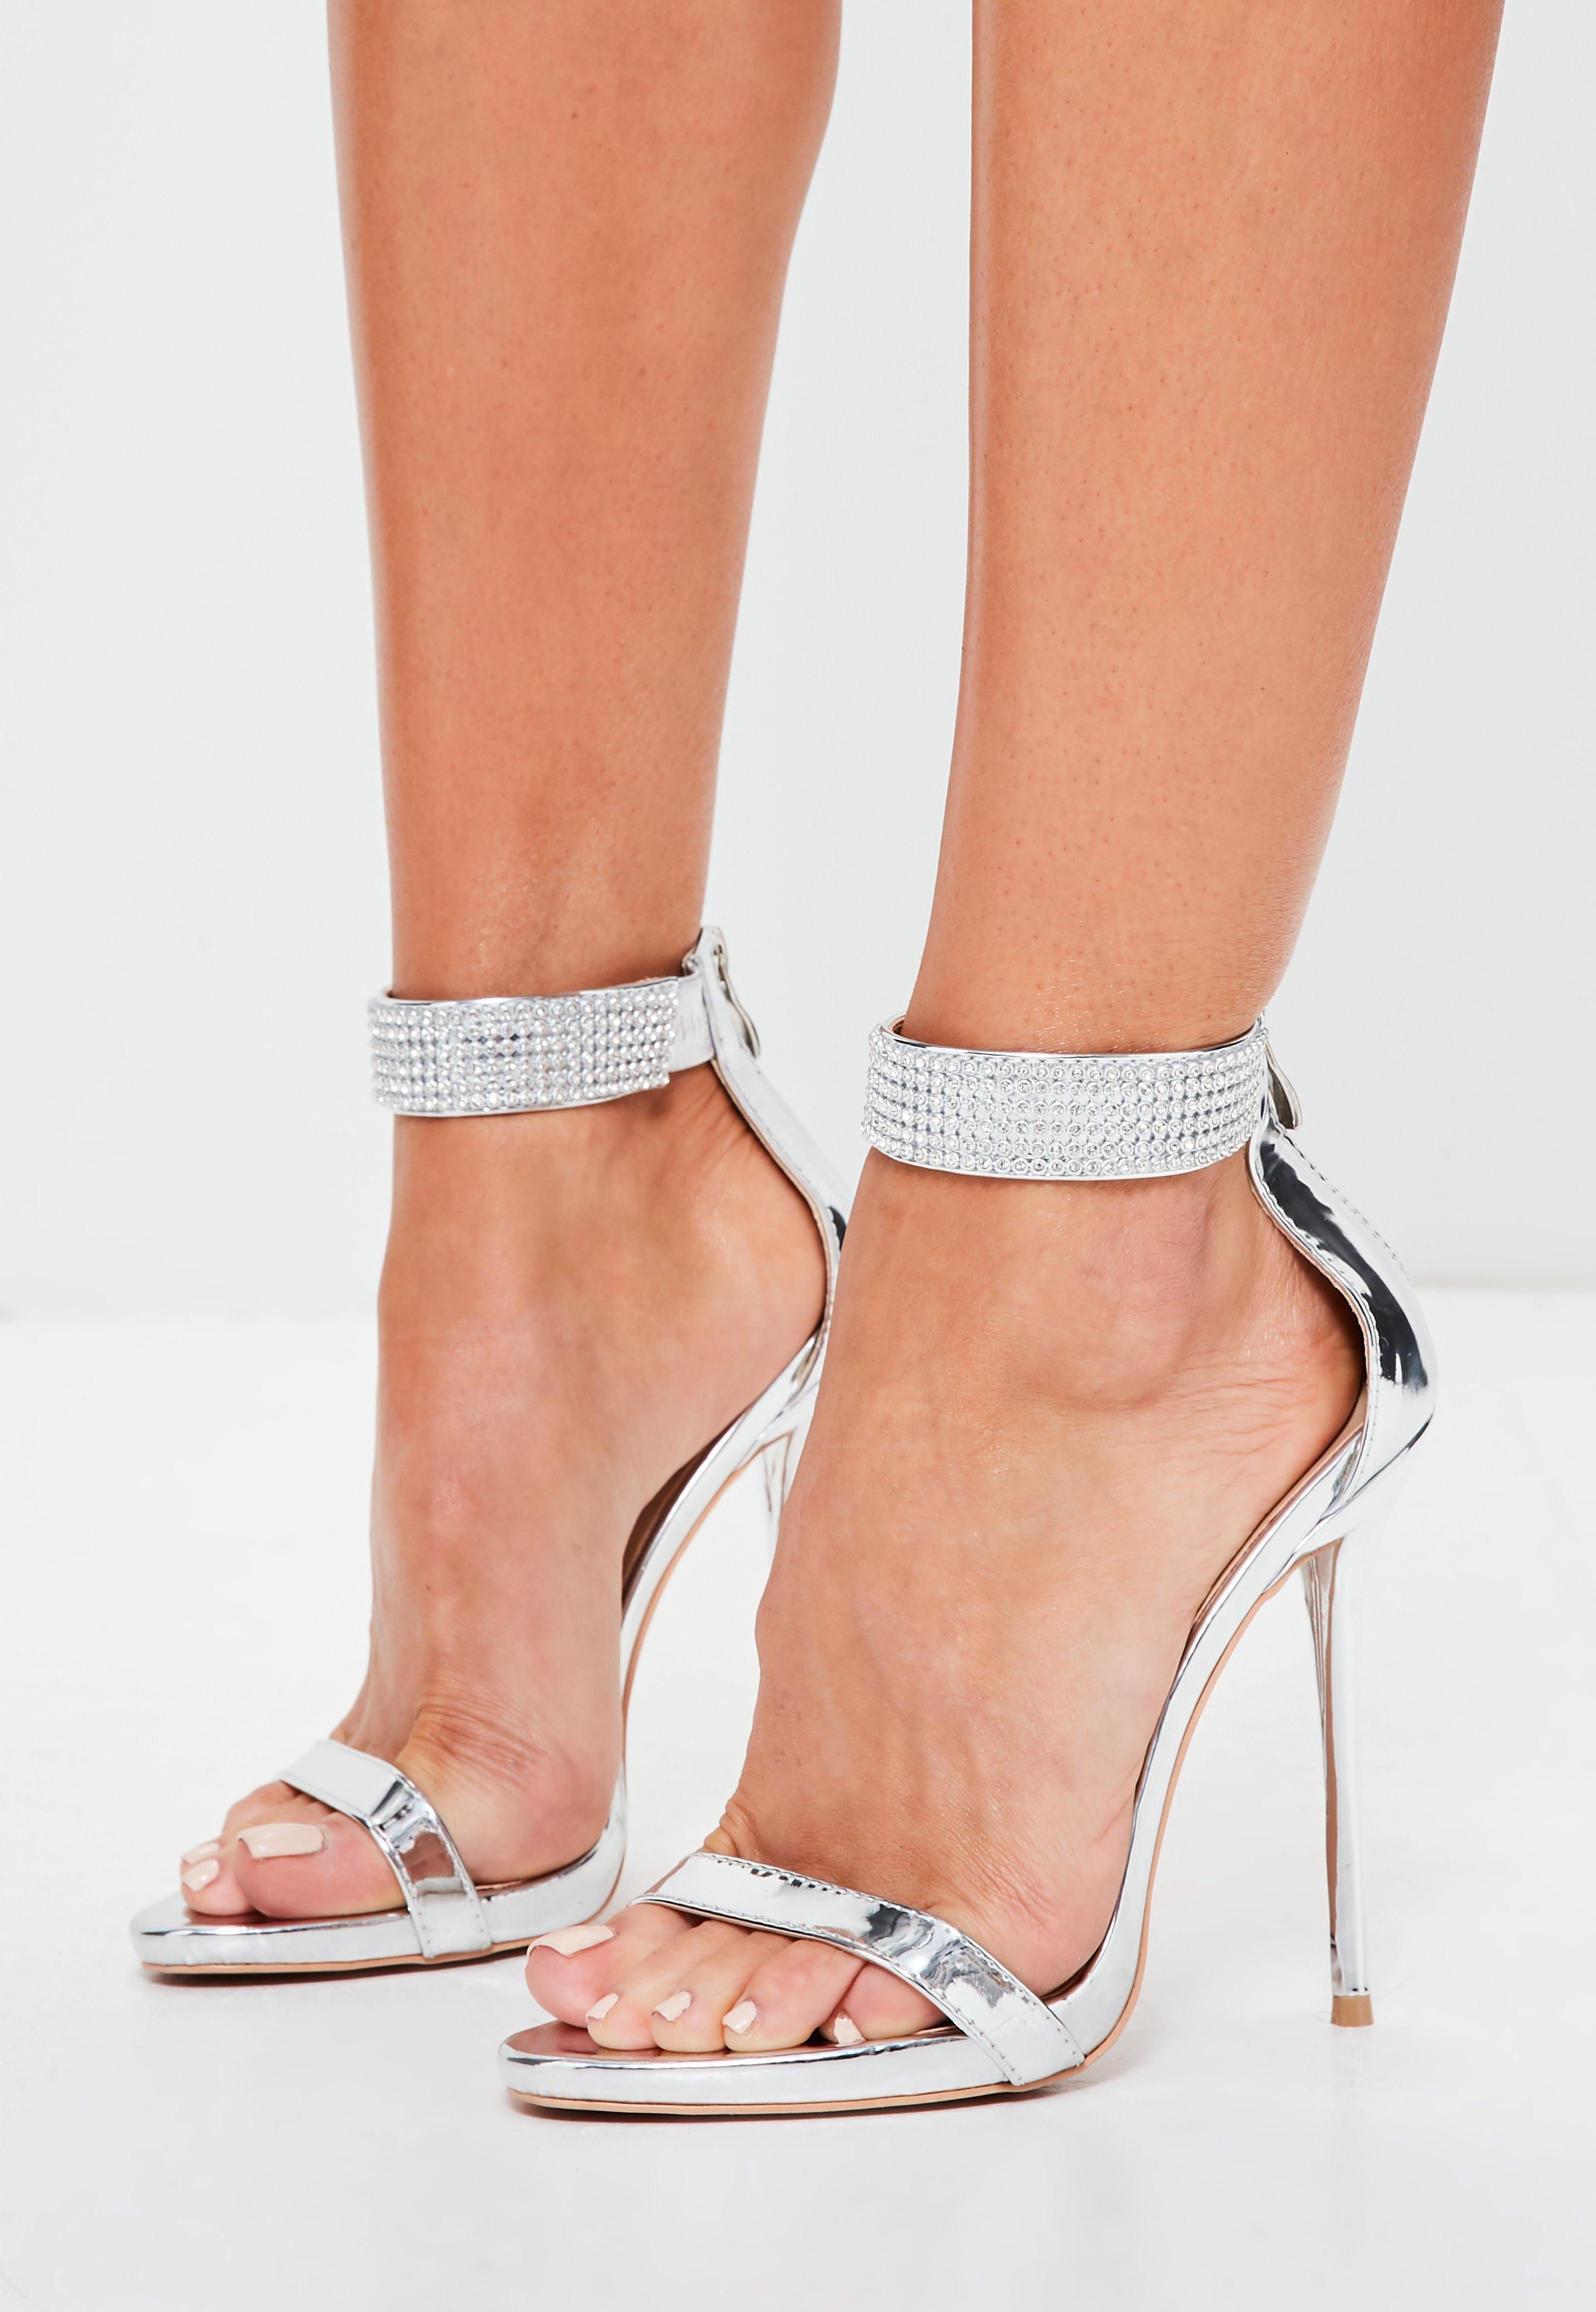 LABClassic heels - fuchsia love DfScYmD